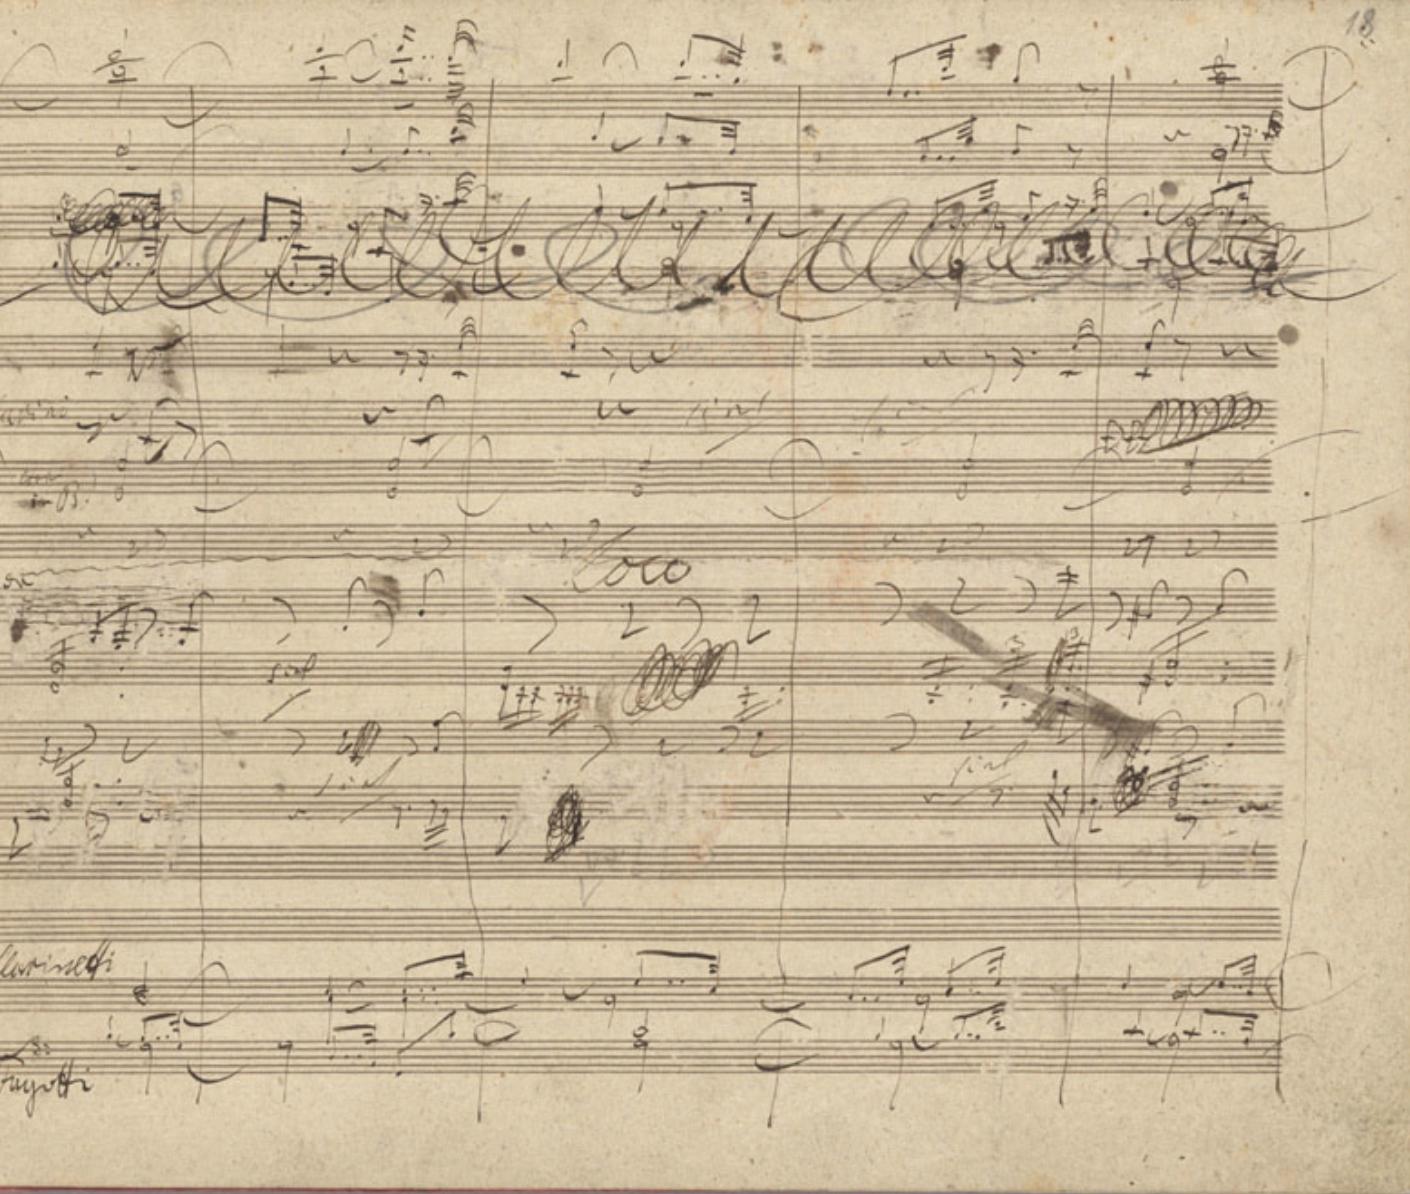 Beethoven The 9th Symphony Autograph Manuscript